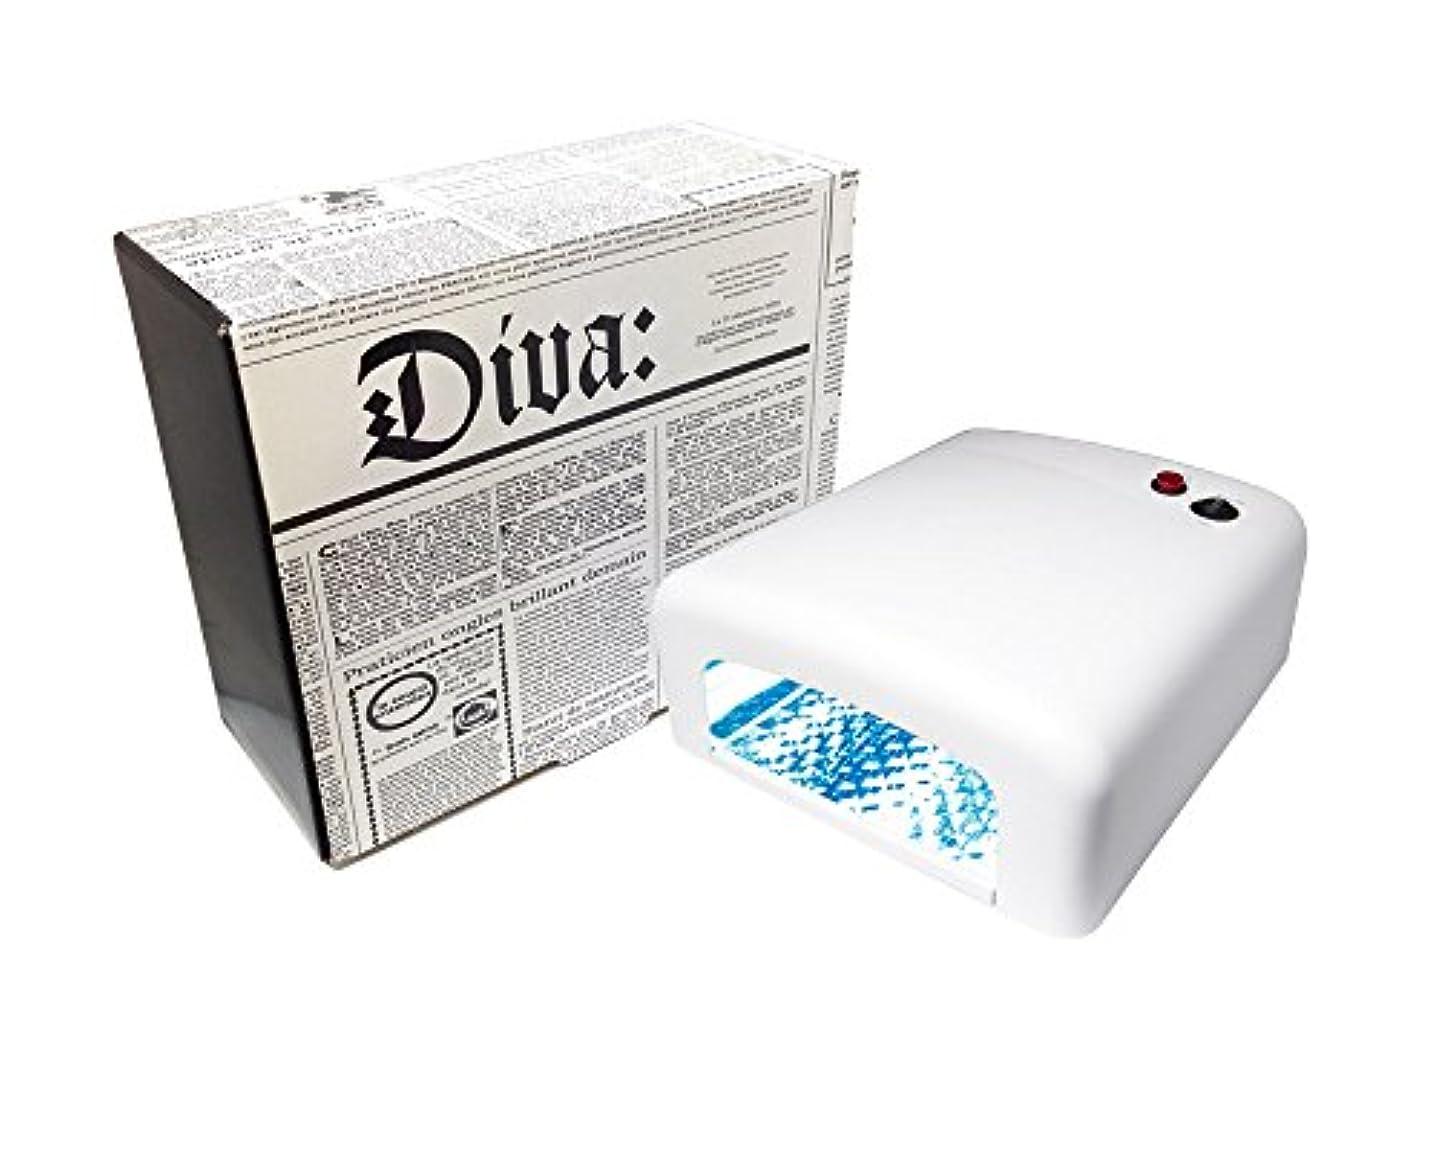 名義でまさに手のひらDiva(ディーヴァ) UVライト36W(UVランプ) 本体 ホワイト